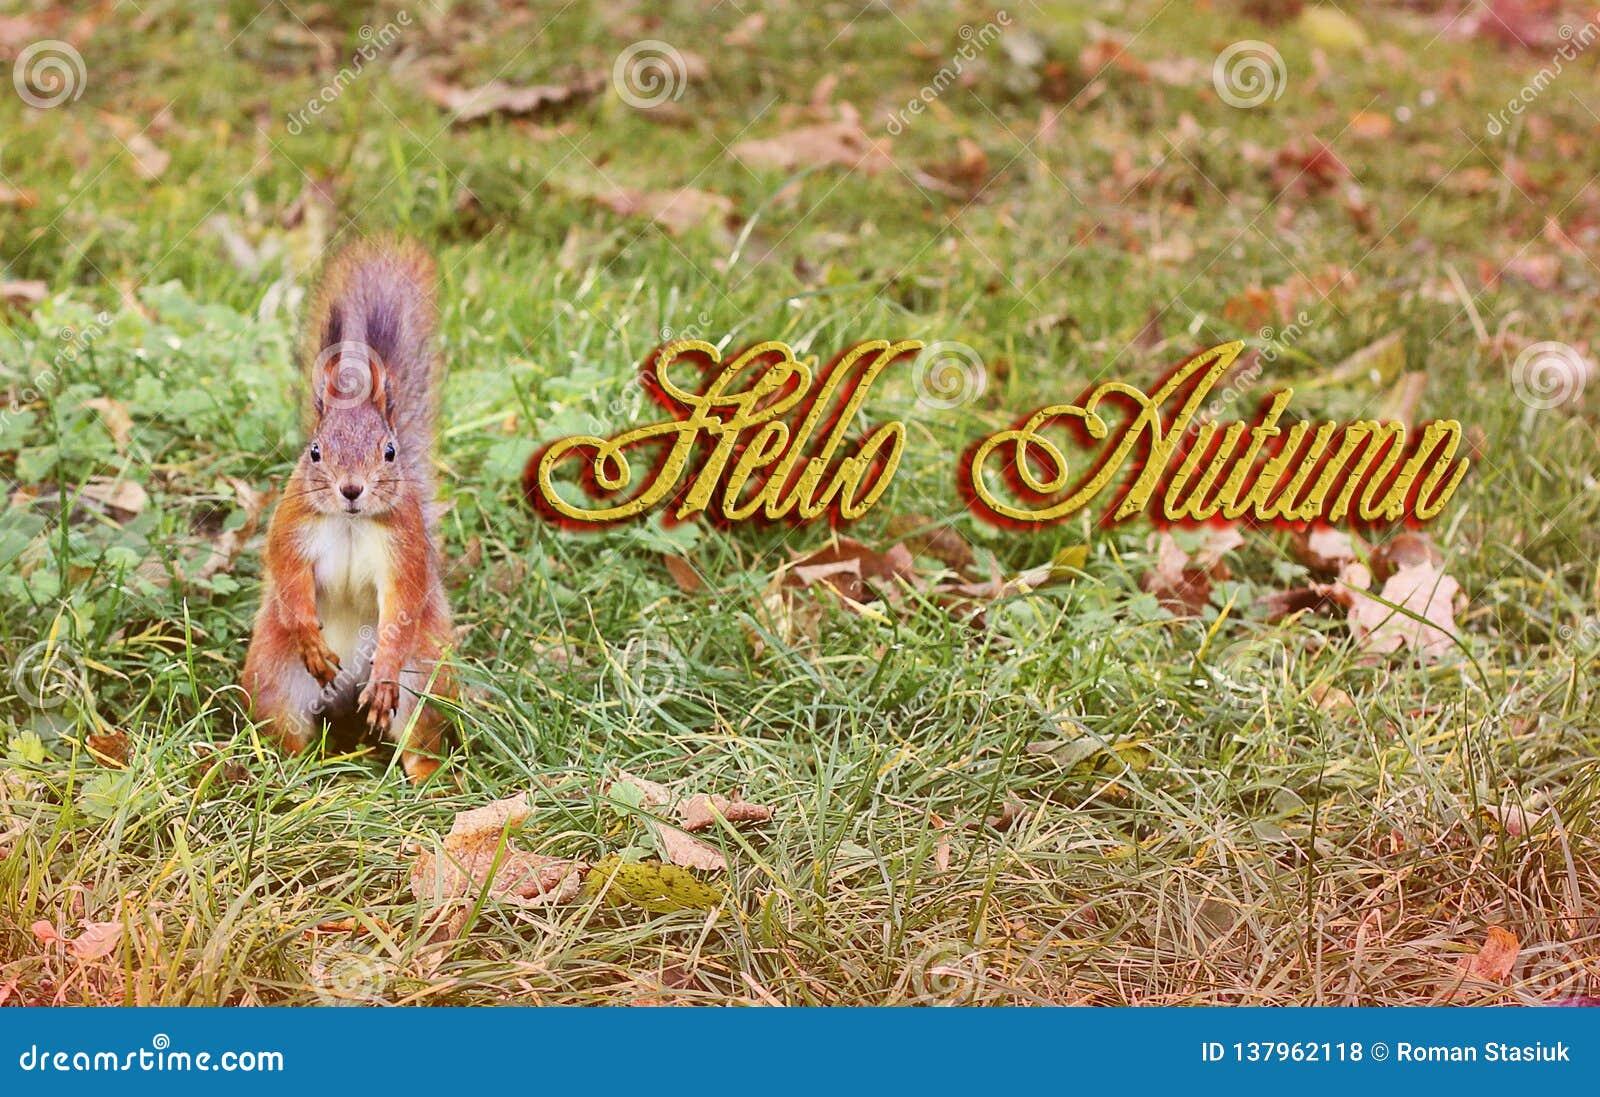 Piękna wiewiórka w żółtych liściach ruda wiewiórka Piękna jesień Cześć zima Wiosna